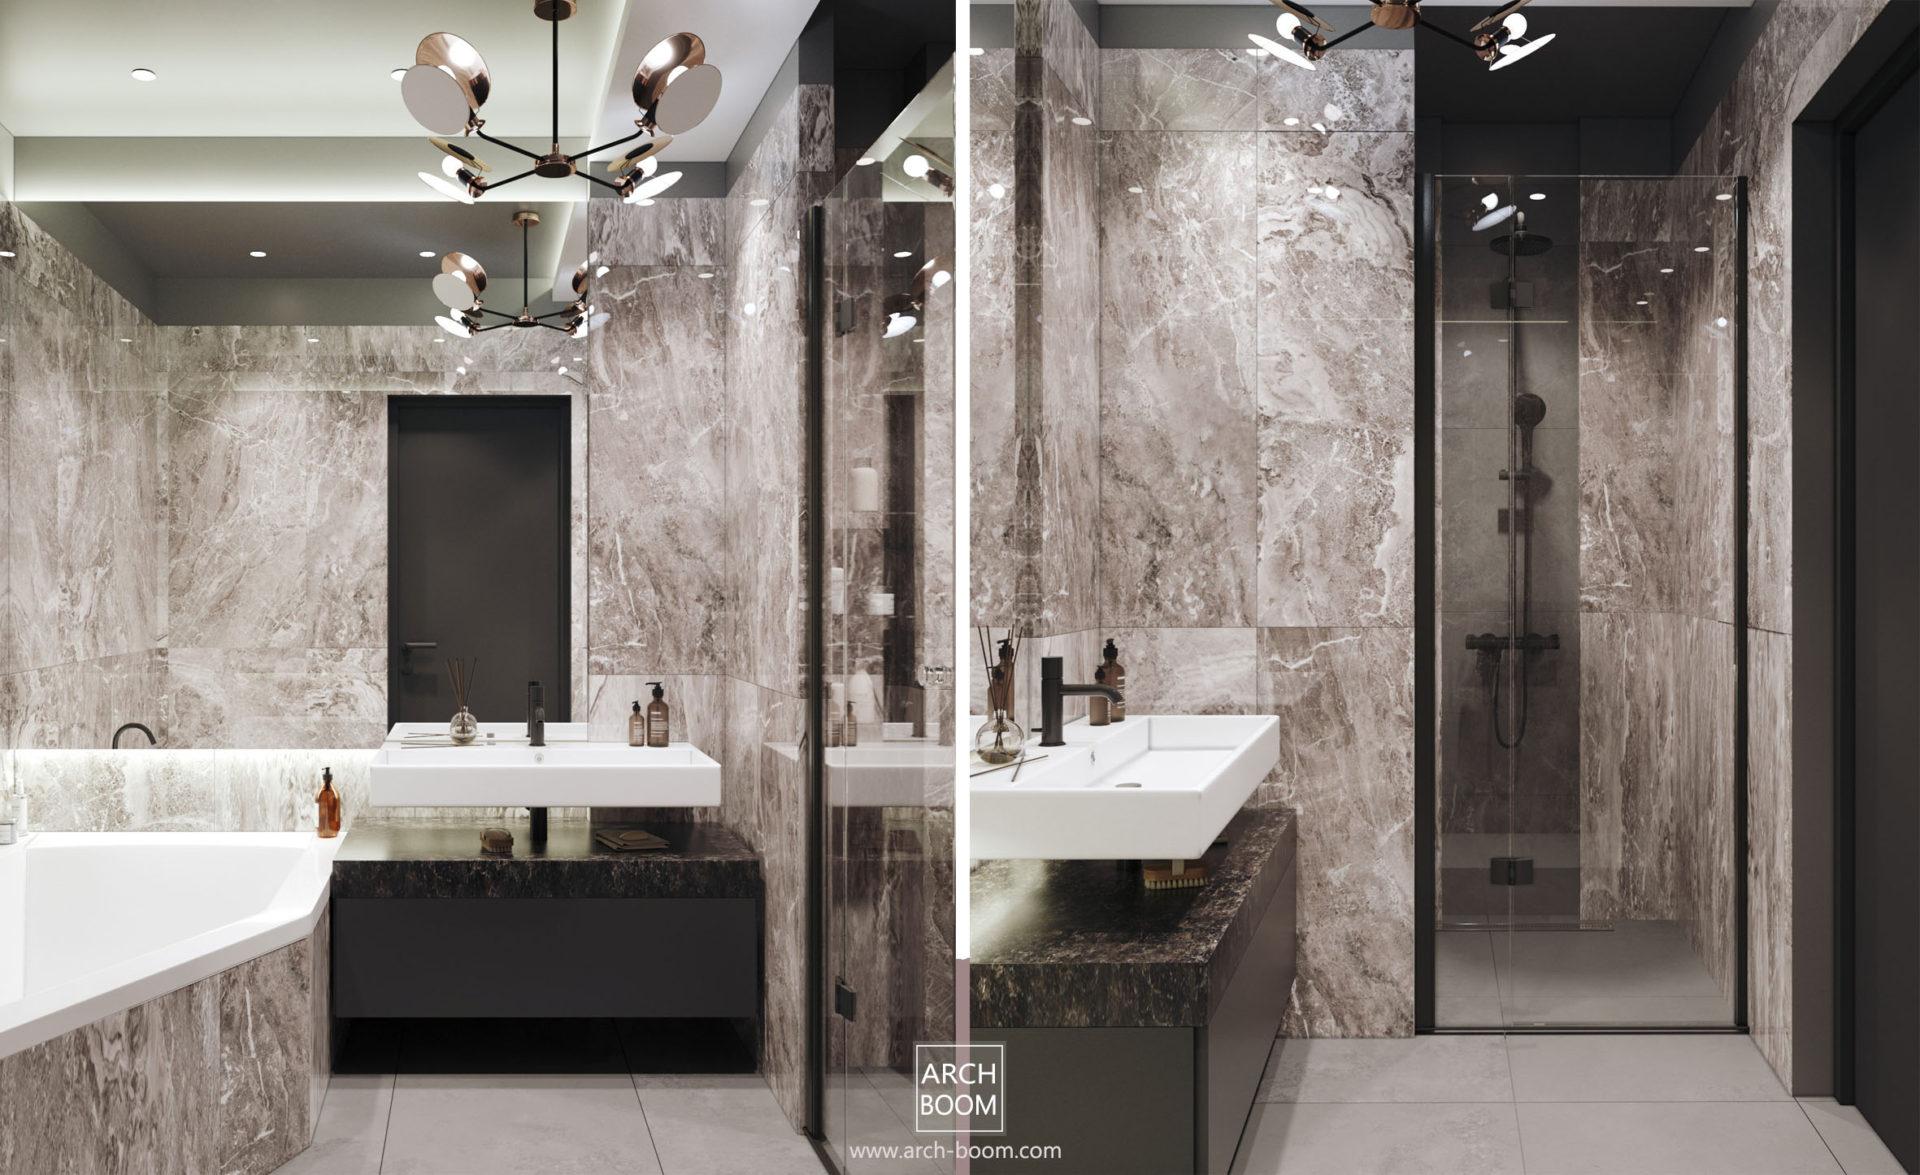 łazienka w męskim klimacie płytki imitujące kamienie